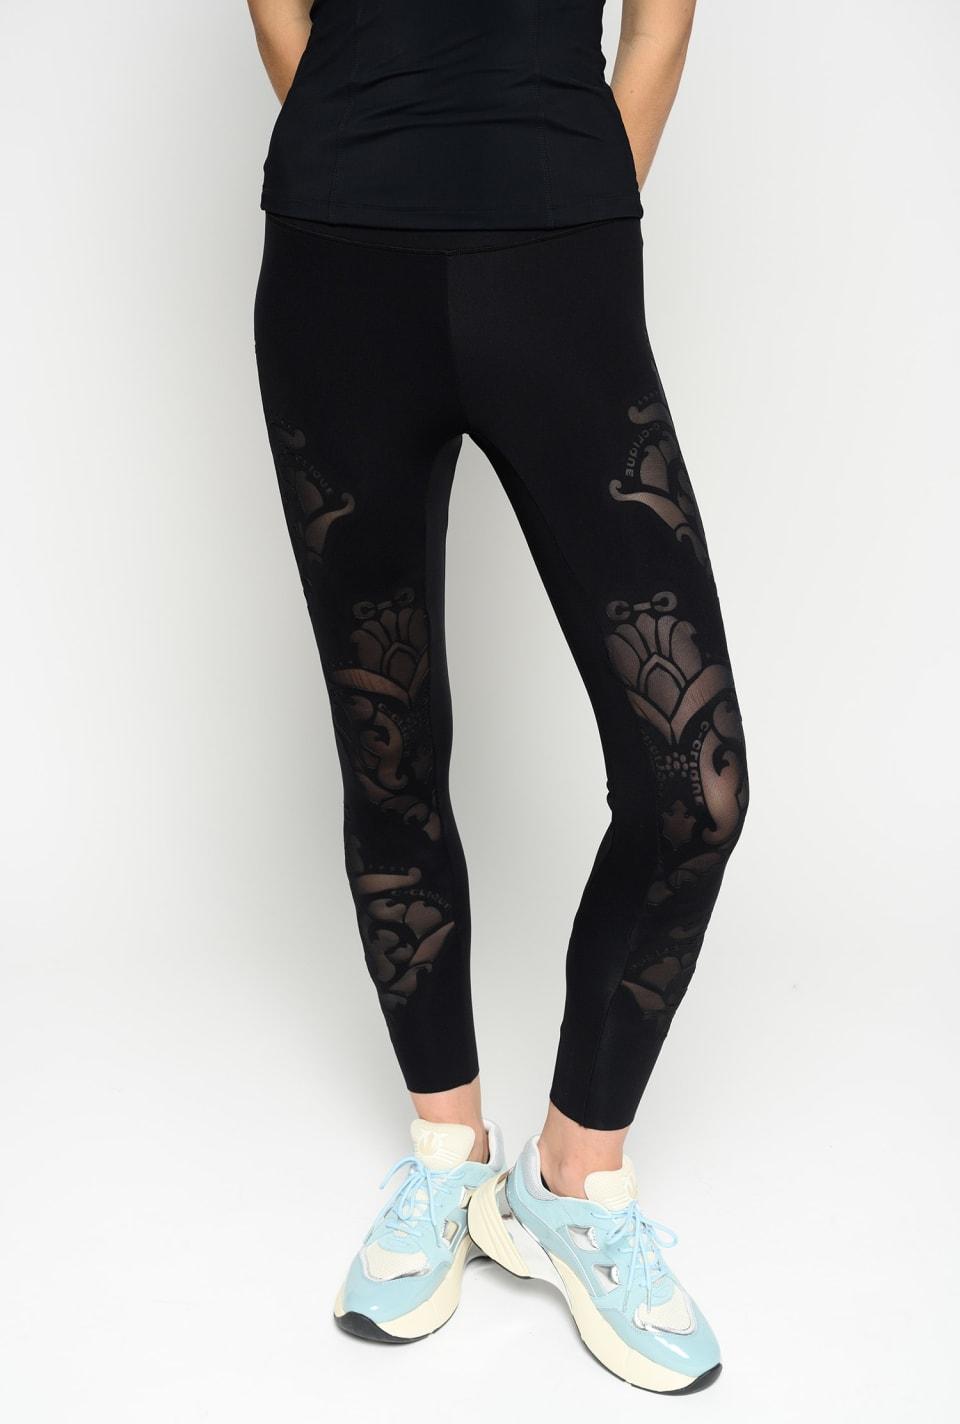 Legging avec motifs découpés au laser